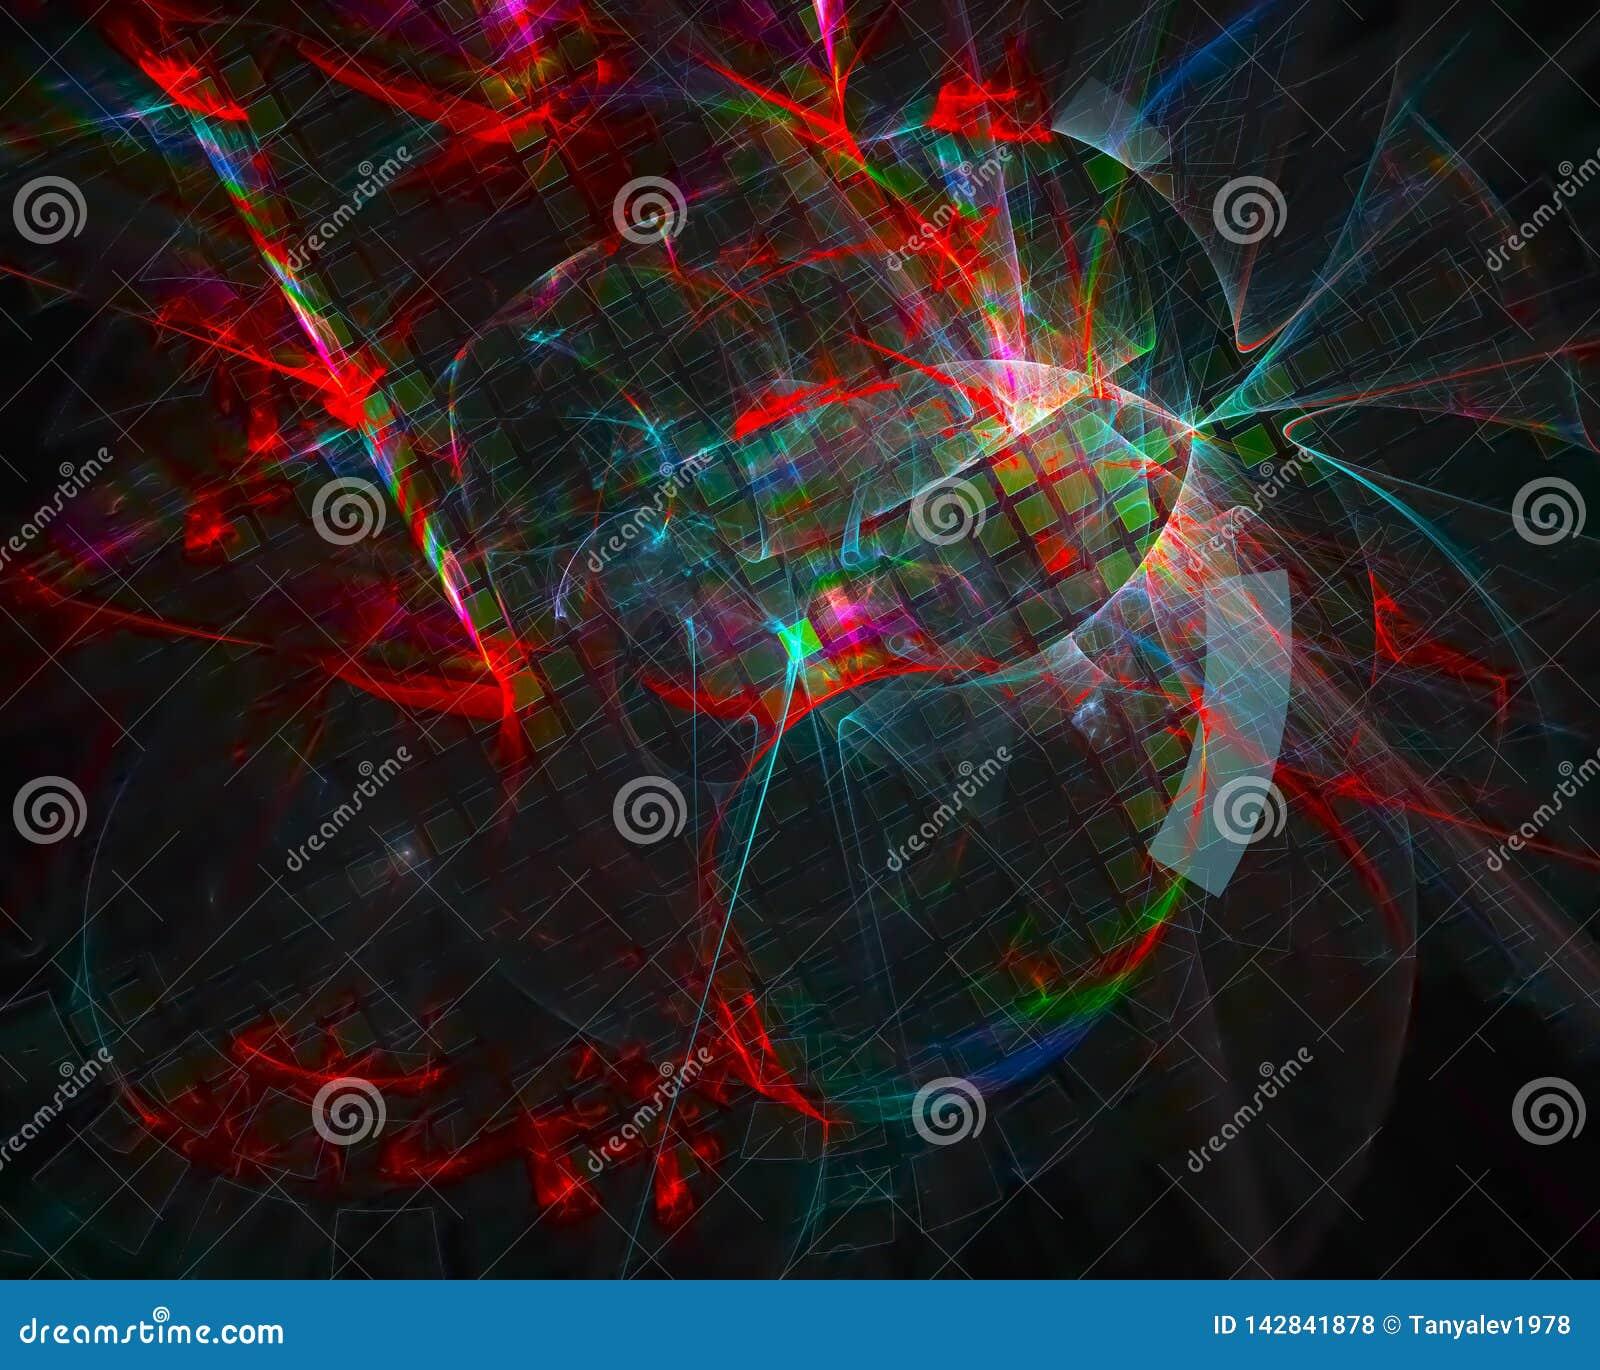 El fractal digital abstracto, diseño vibrante de la plantilla de la fantasía rinde, movimiento, remolino